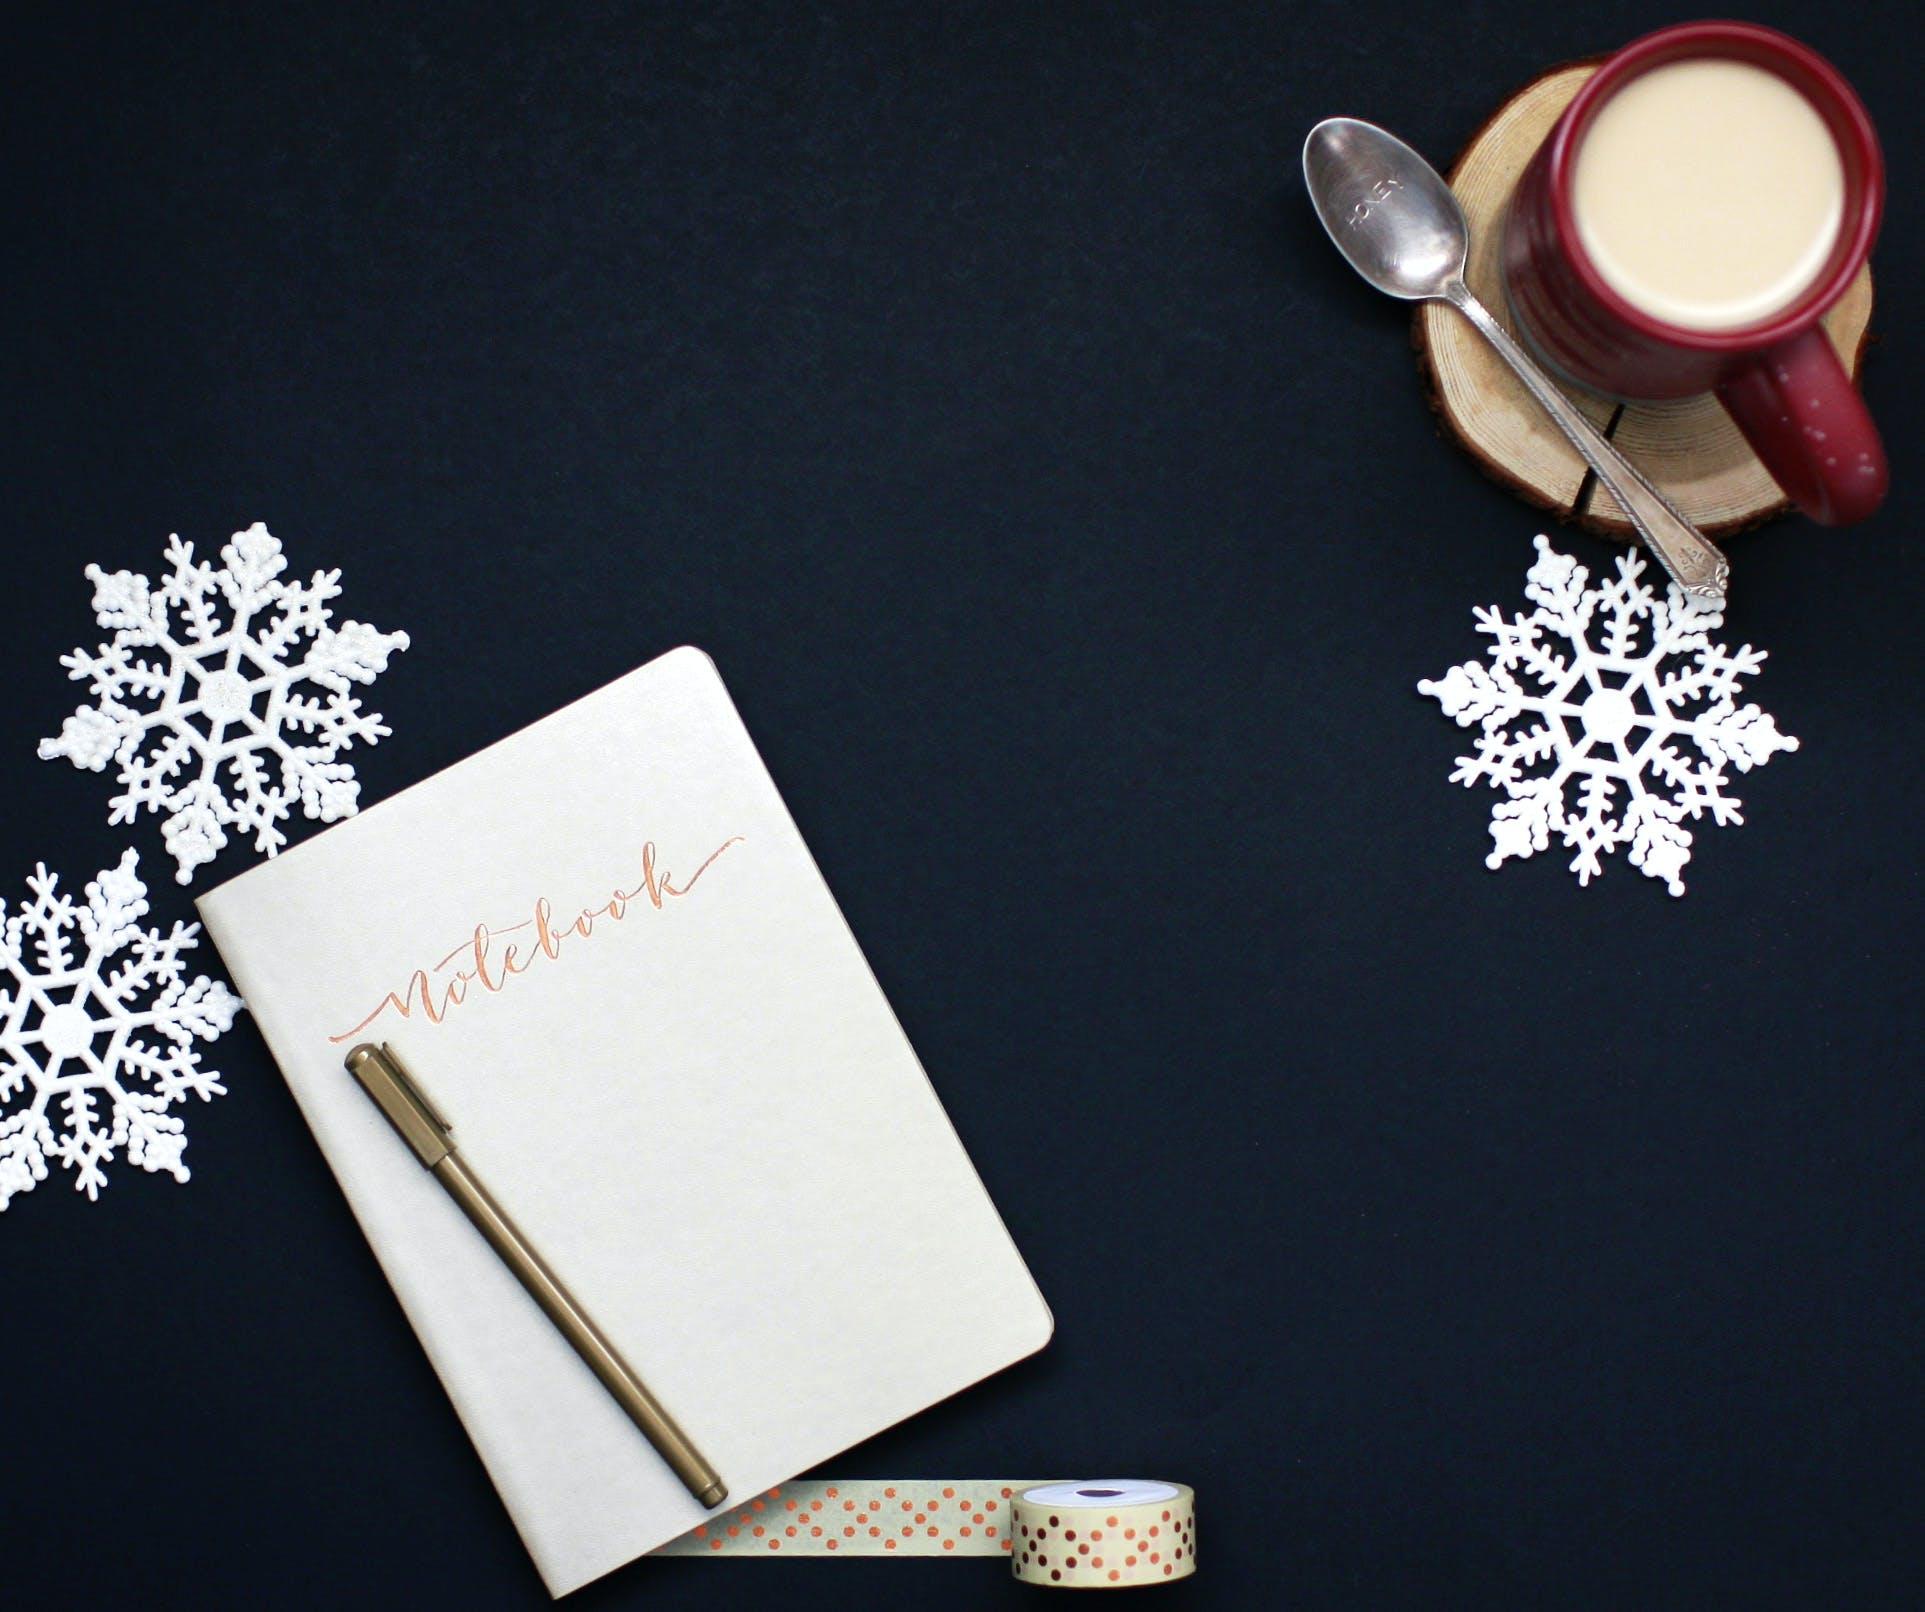 Fotos de stock gratuitas de bolígrafo, café, cafeína, cinta